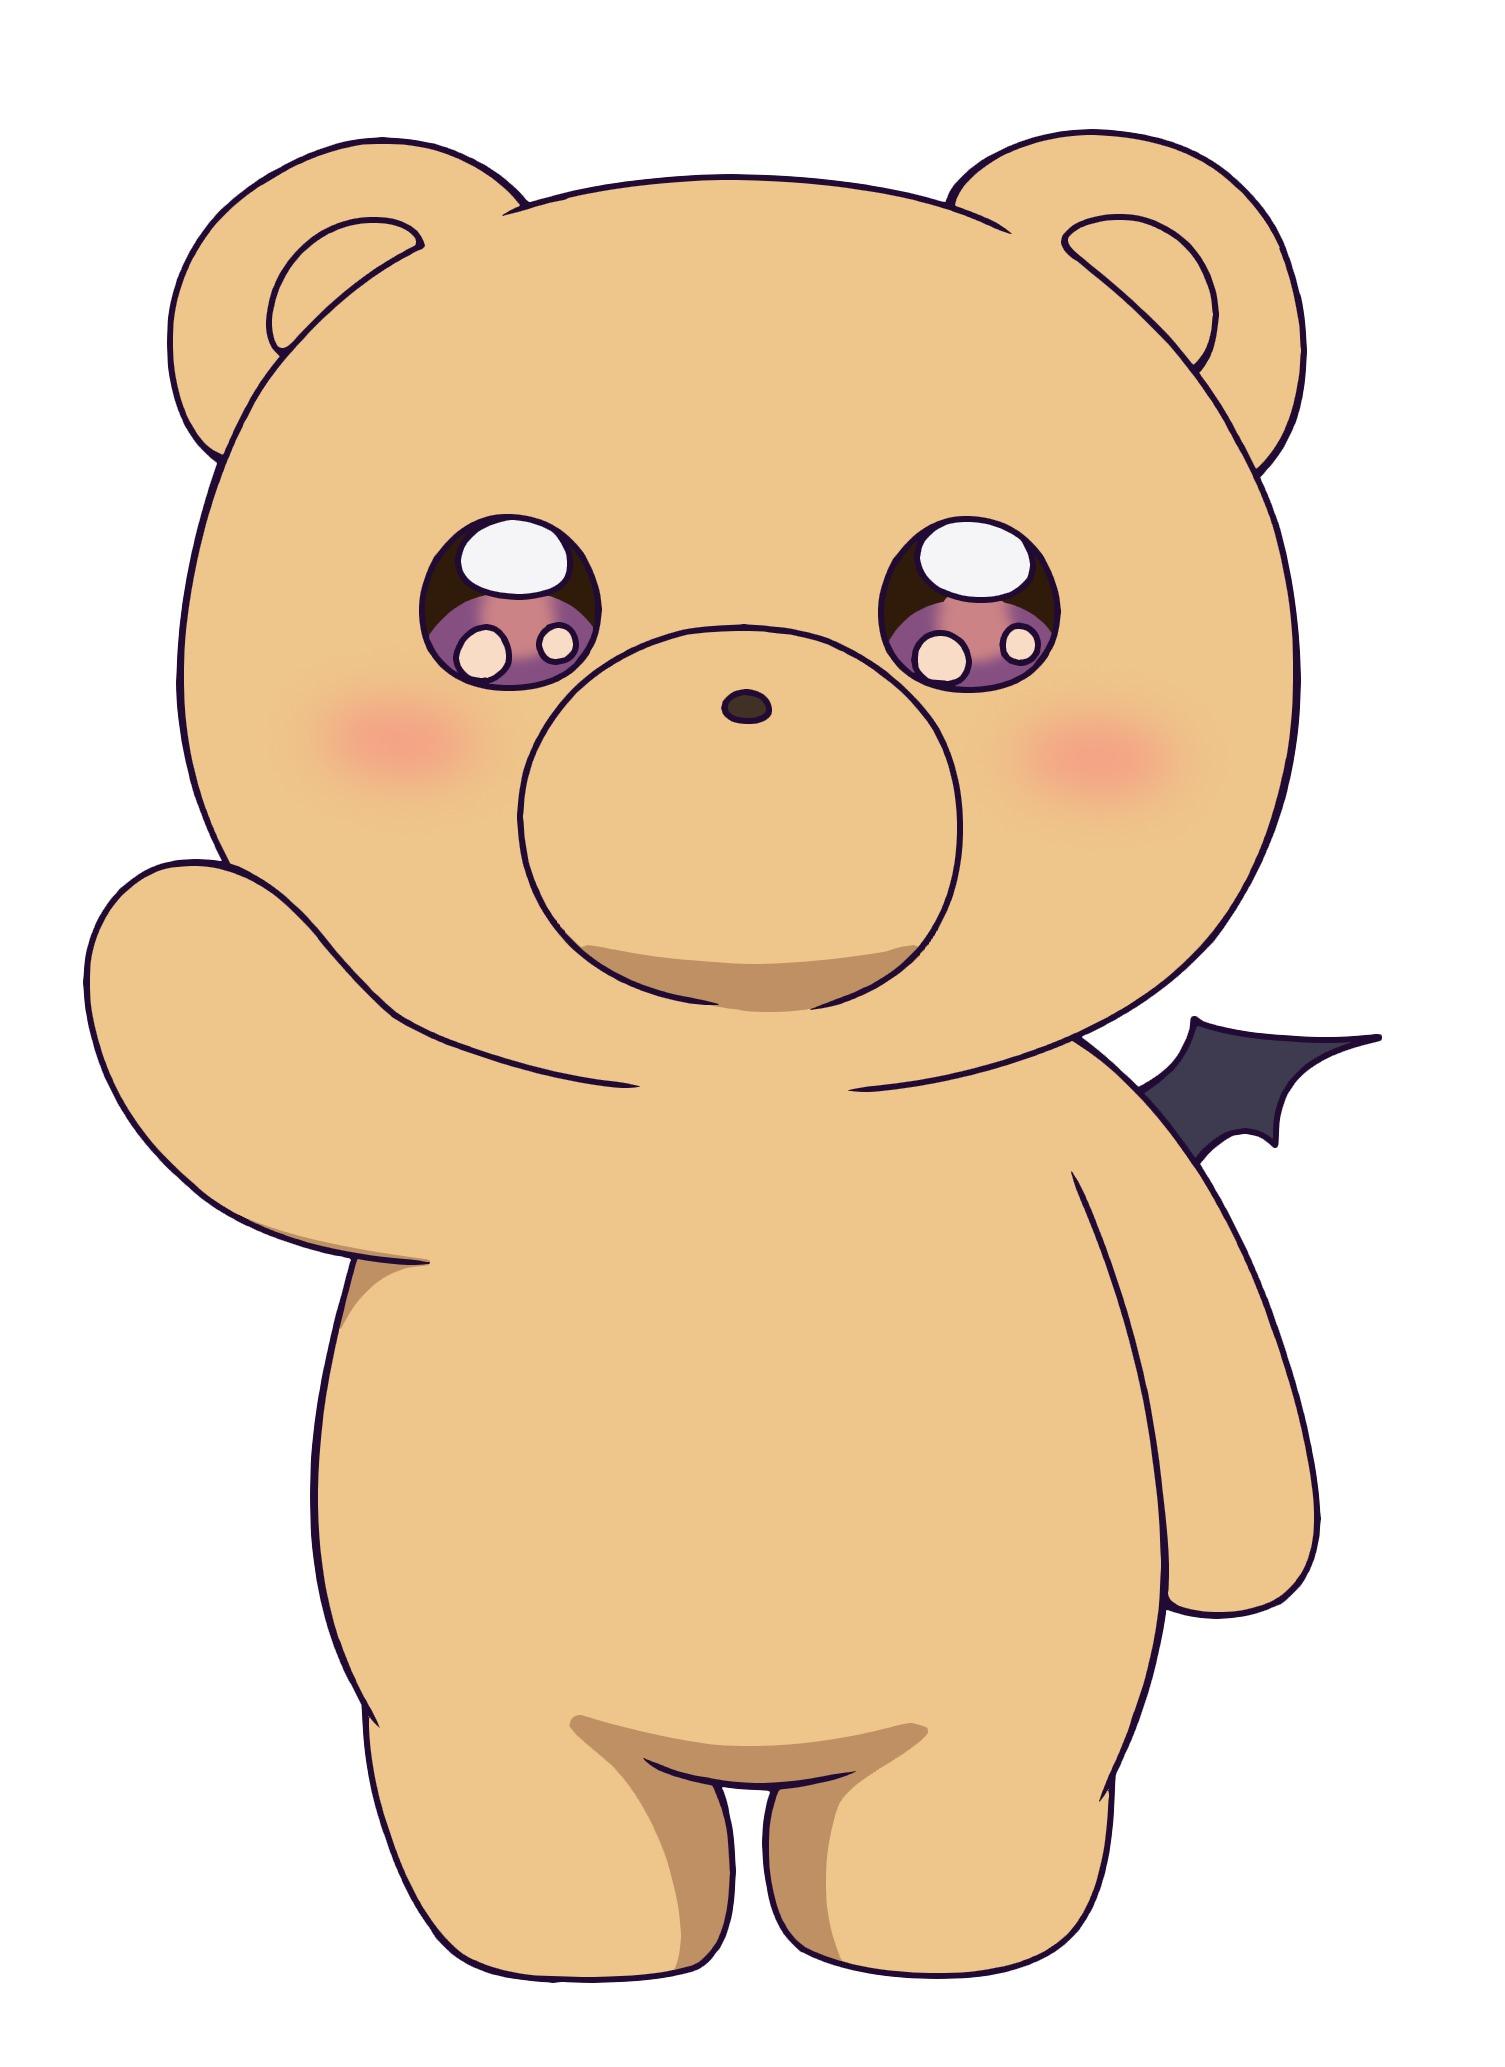 おやすみ 魔王 城 アニメ で